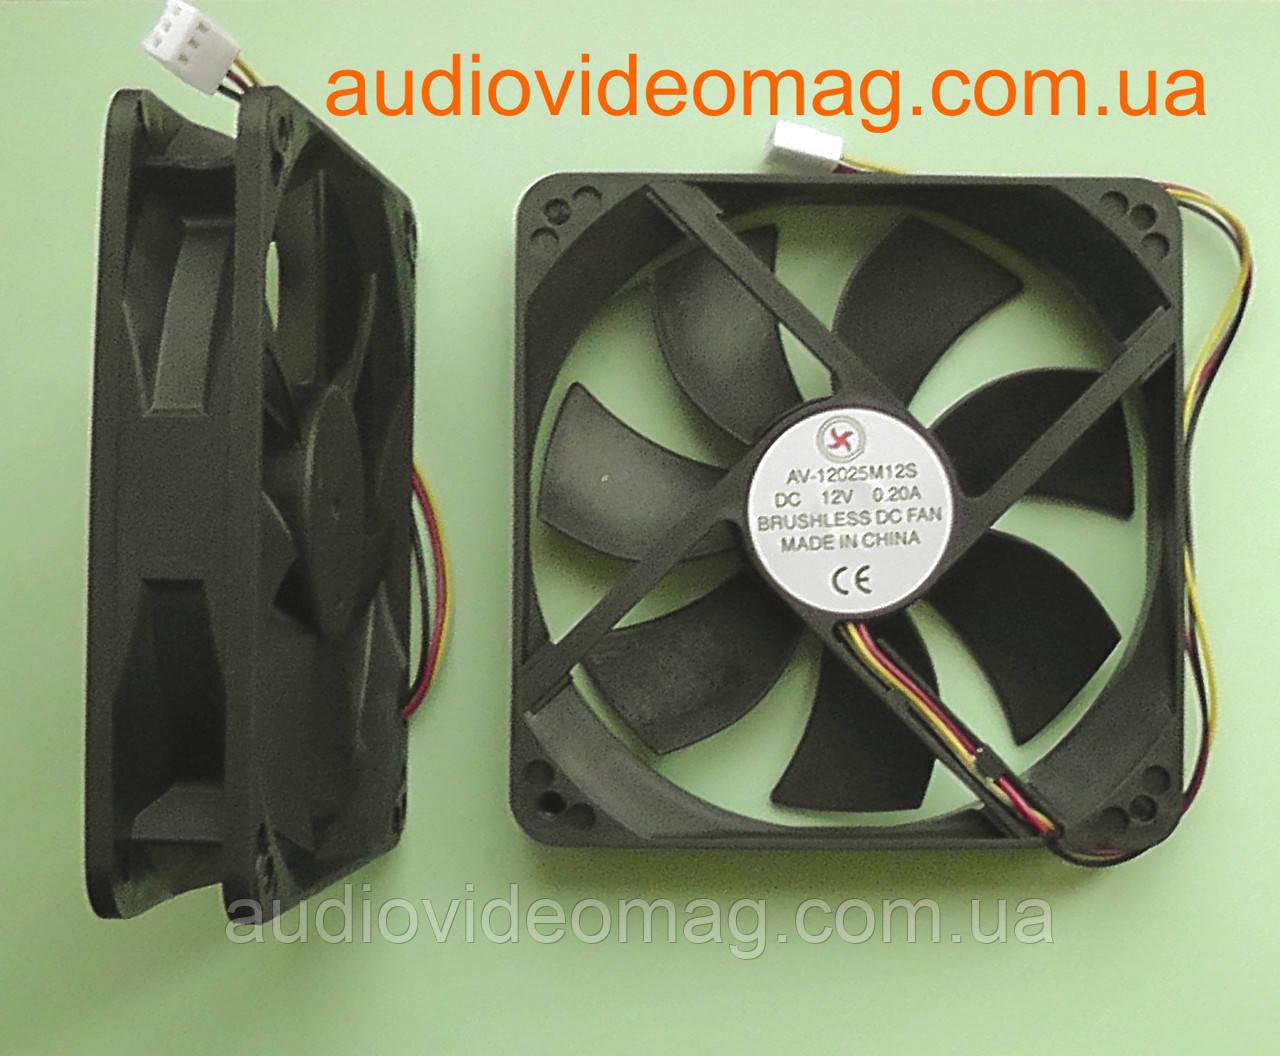 Вентилятор (кулер) 12V 0.2A, 120х120х25, 3 pin, для охлаждения системного блока компьютера